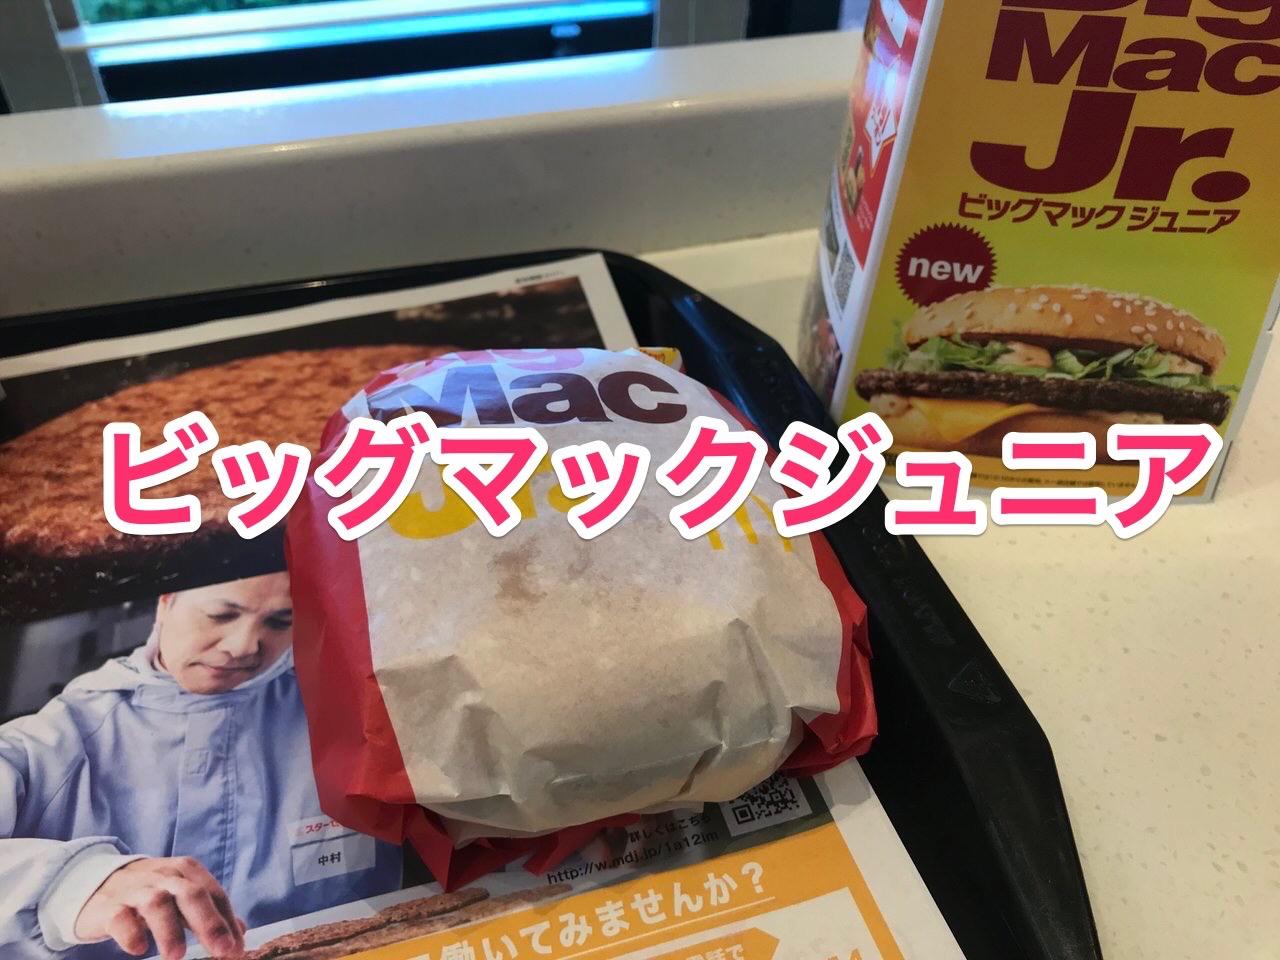 【マクドナルド】ビッグマック x 0.5 = ビッグマックジュニア